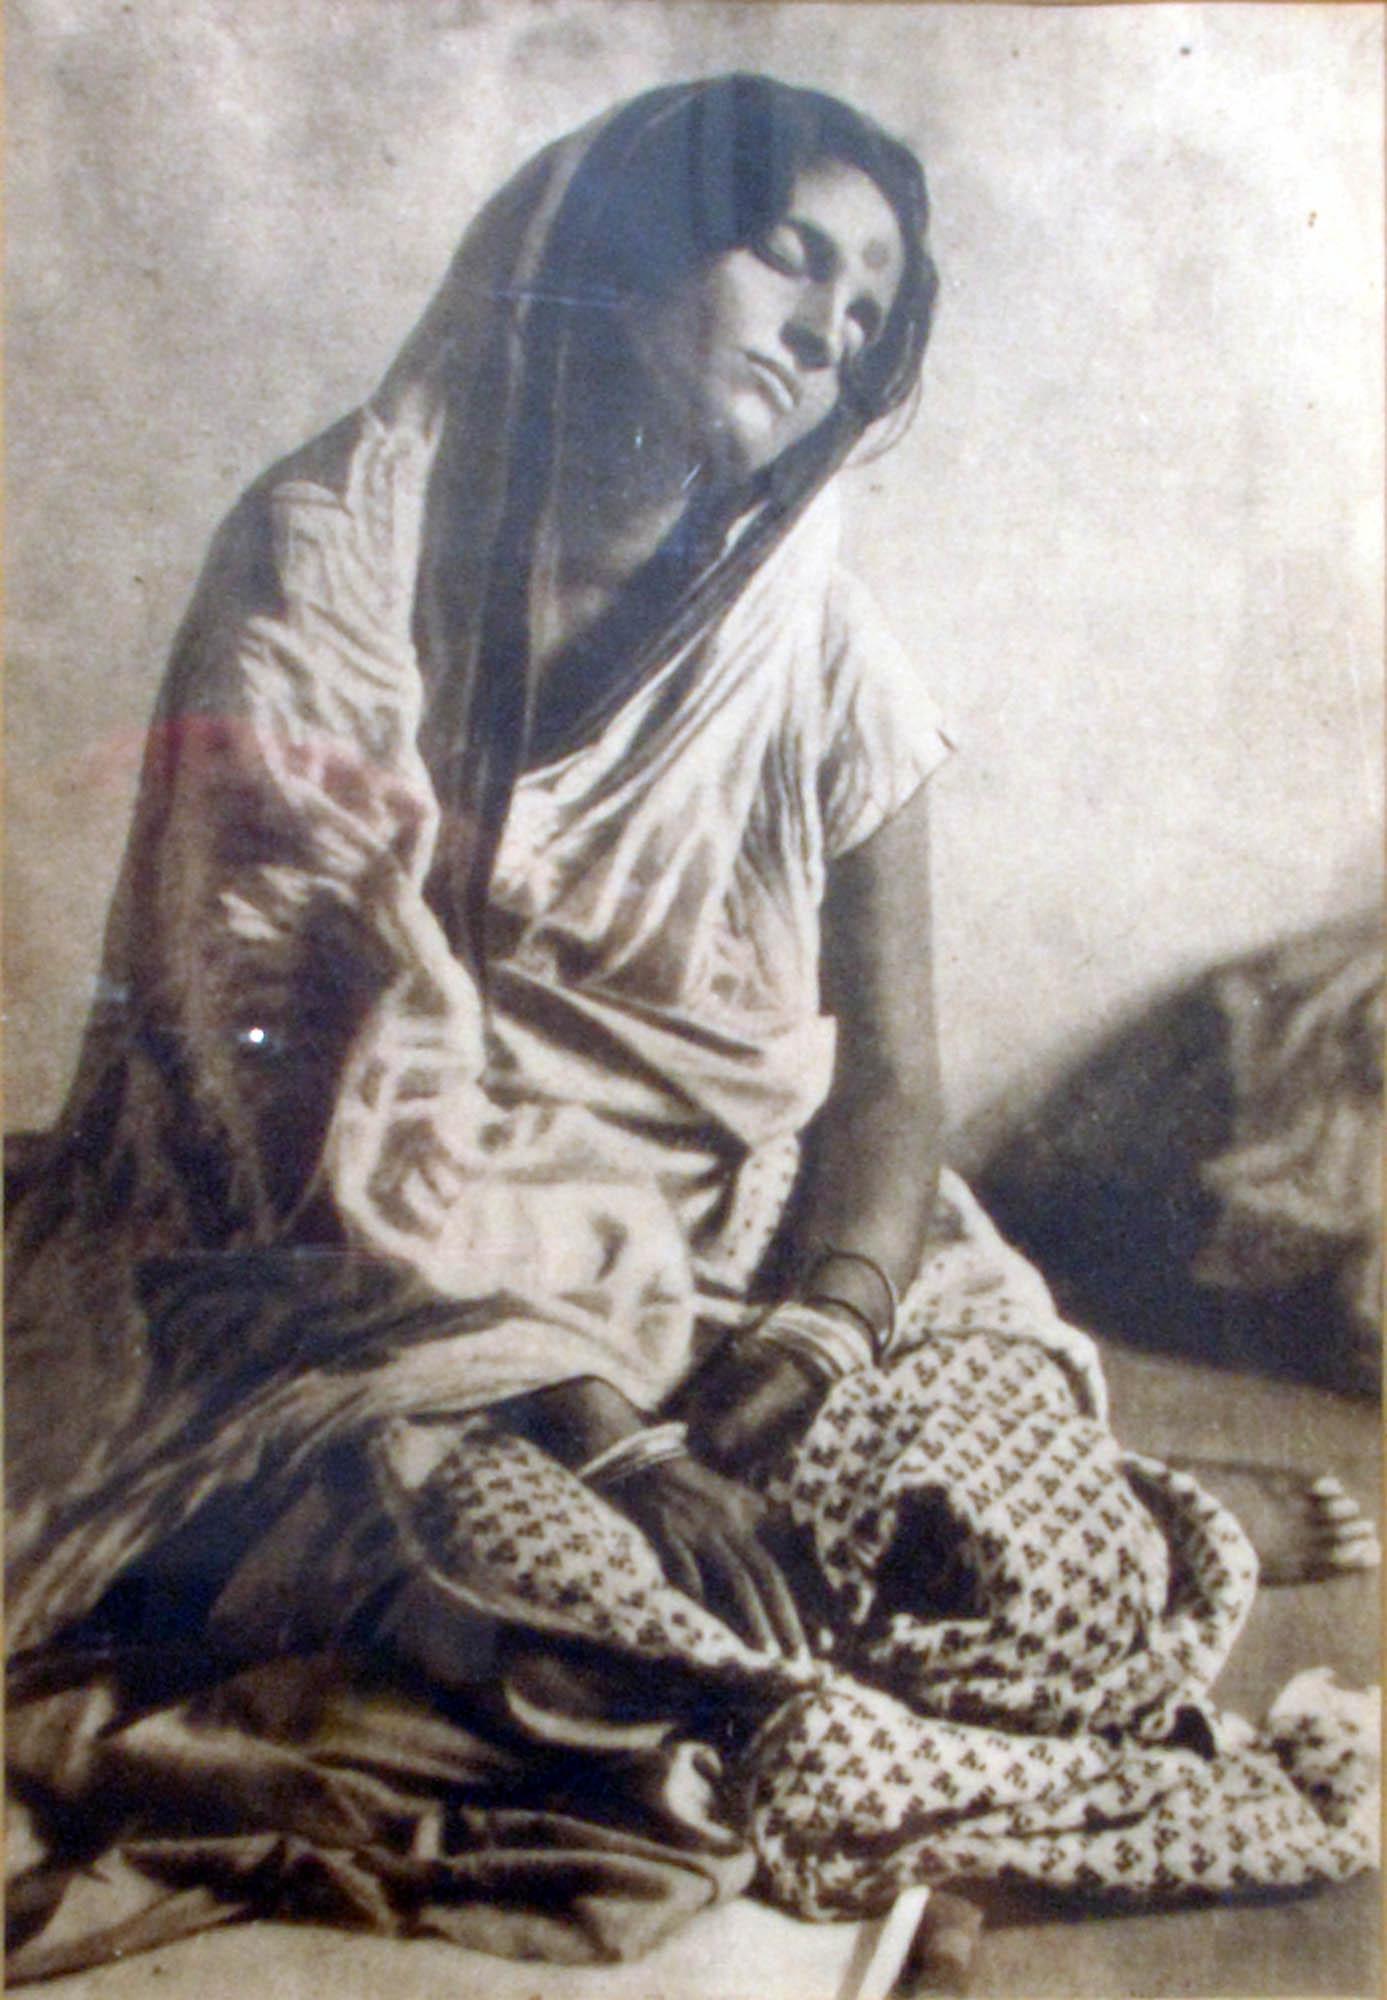 Framed image of Sri Anandamayi Ma